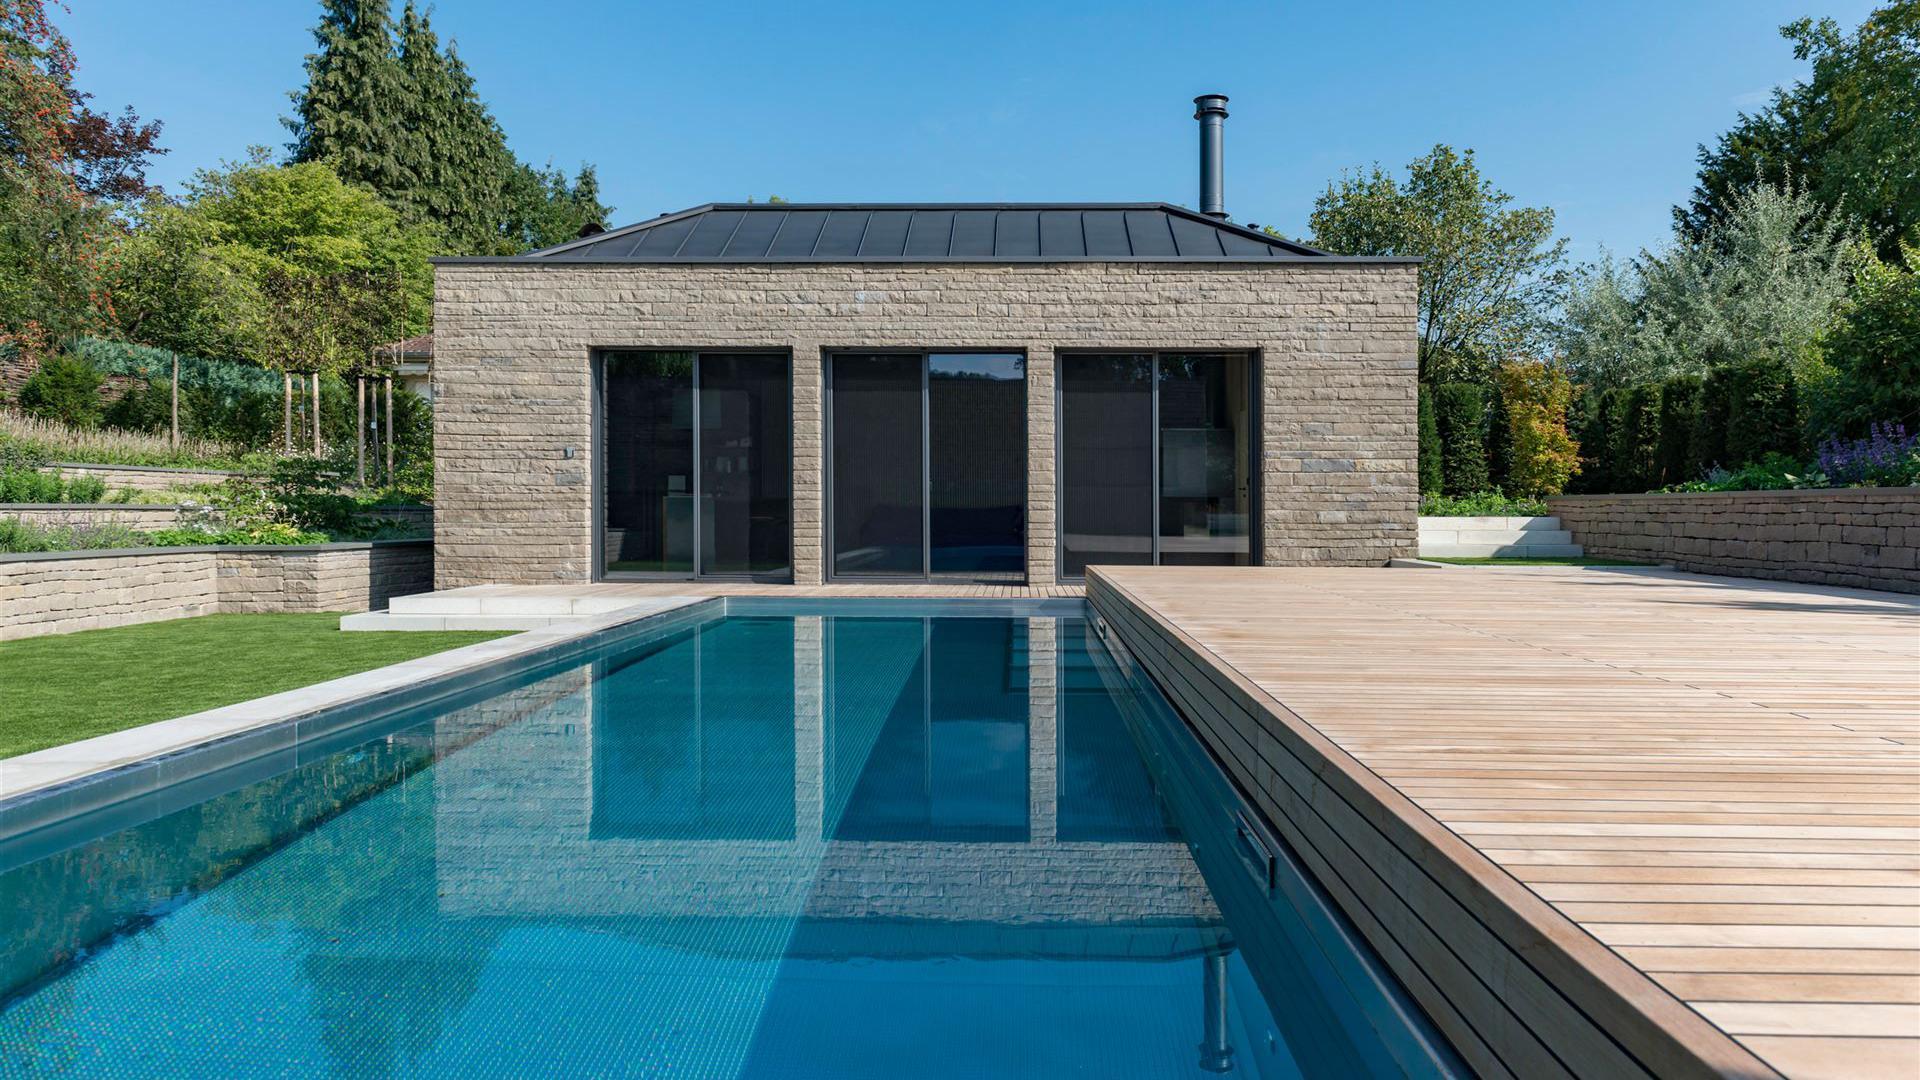 Architekt Für Haus Schwimmbad Wellness Spa